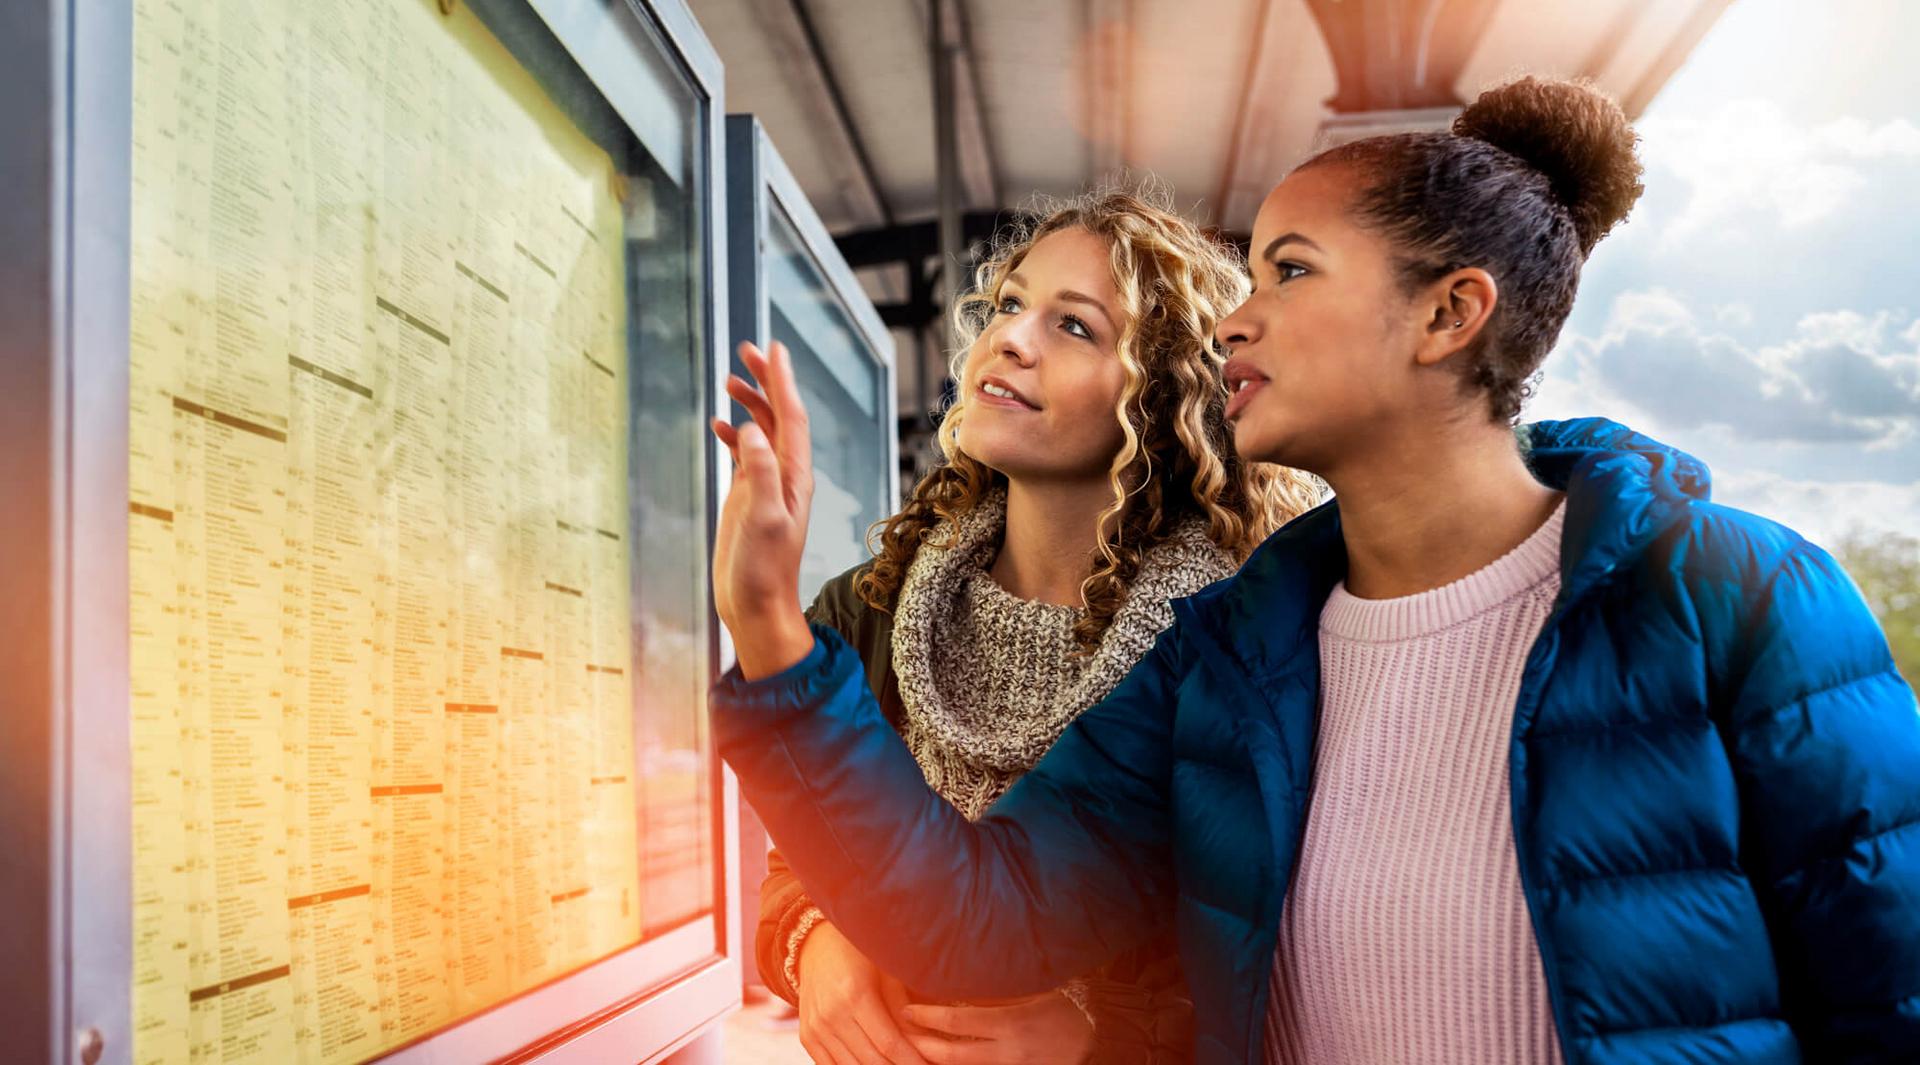 Zwei junge Frauen stehen an einem Bahnsteig und betrachten den Abfahrtsplan.